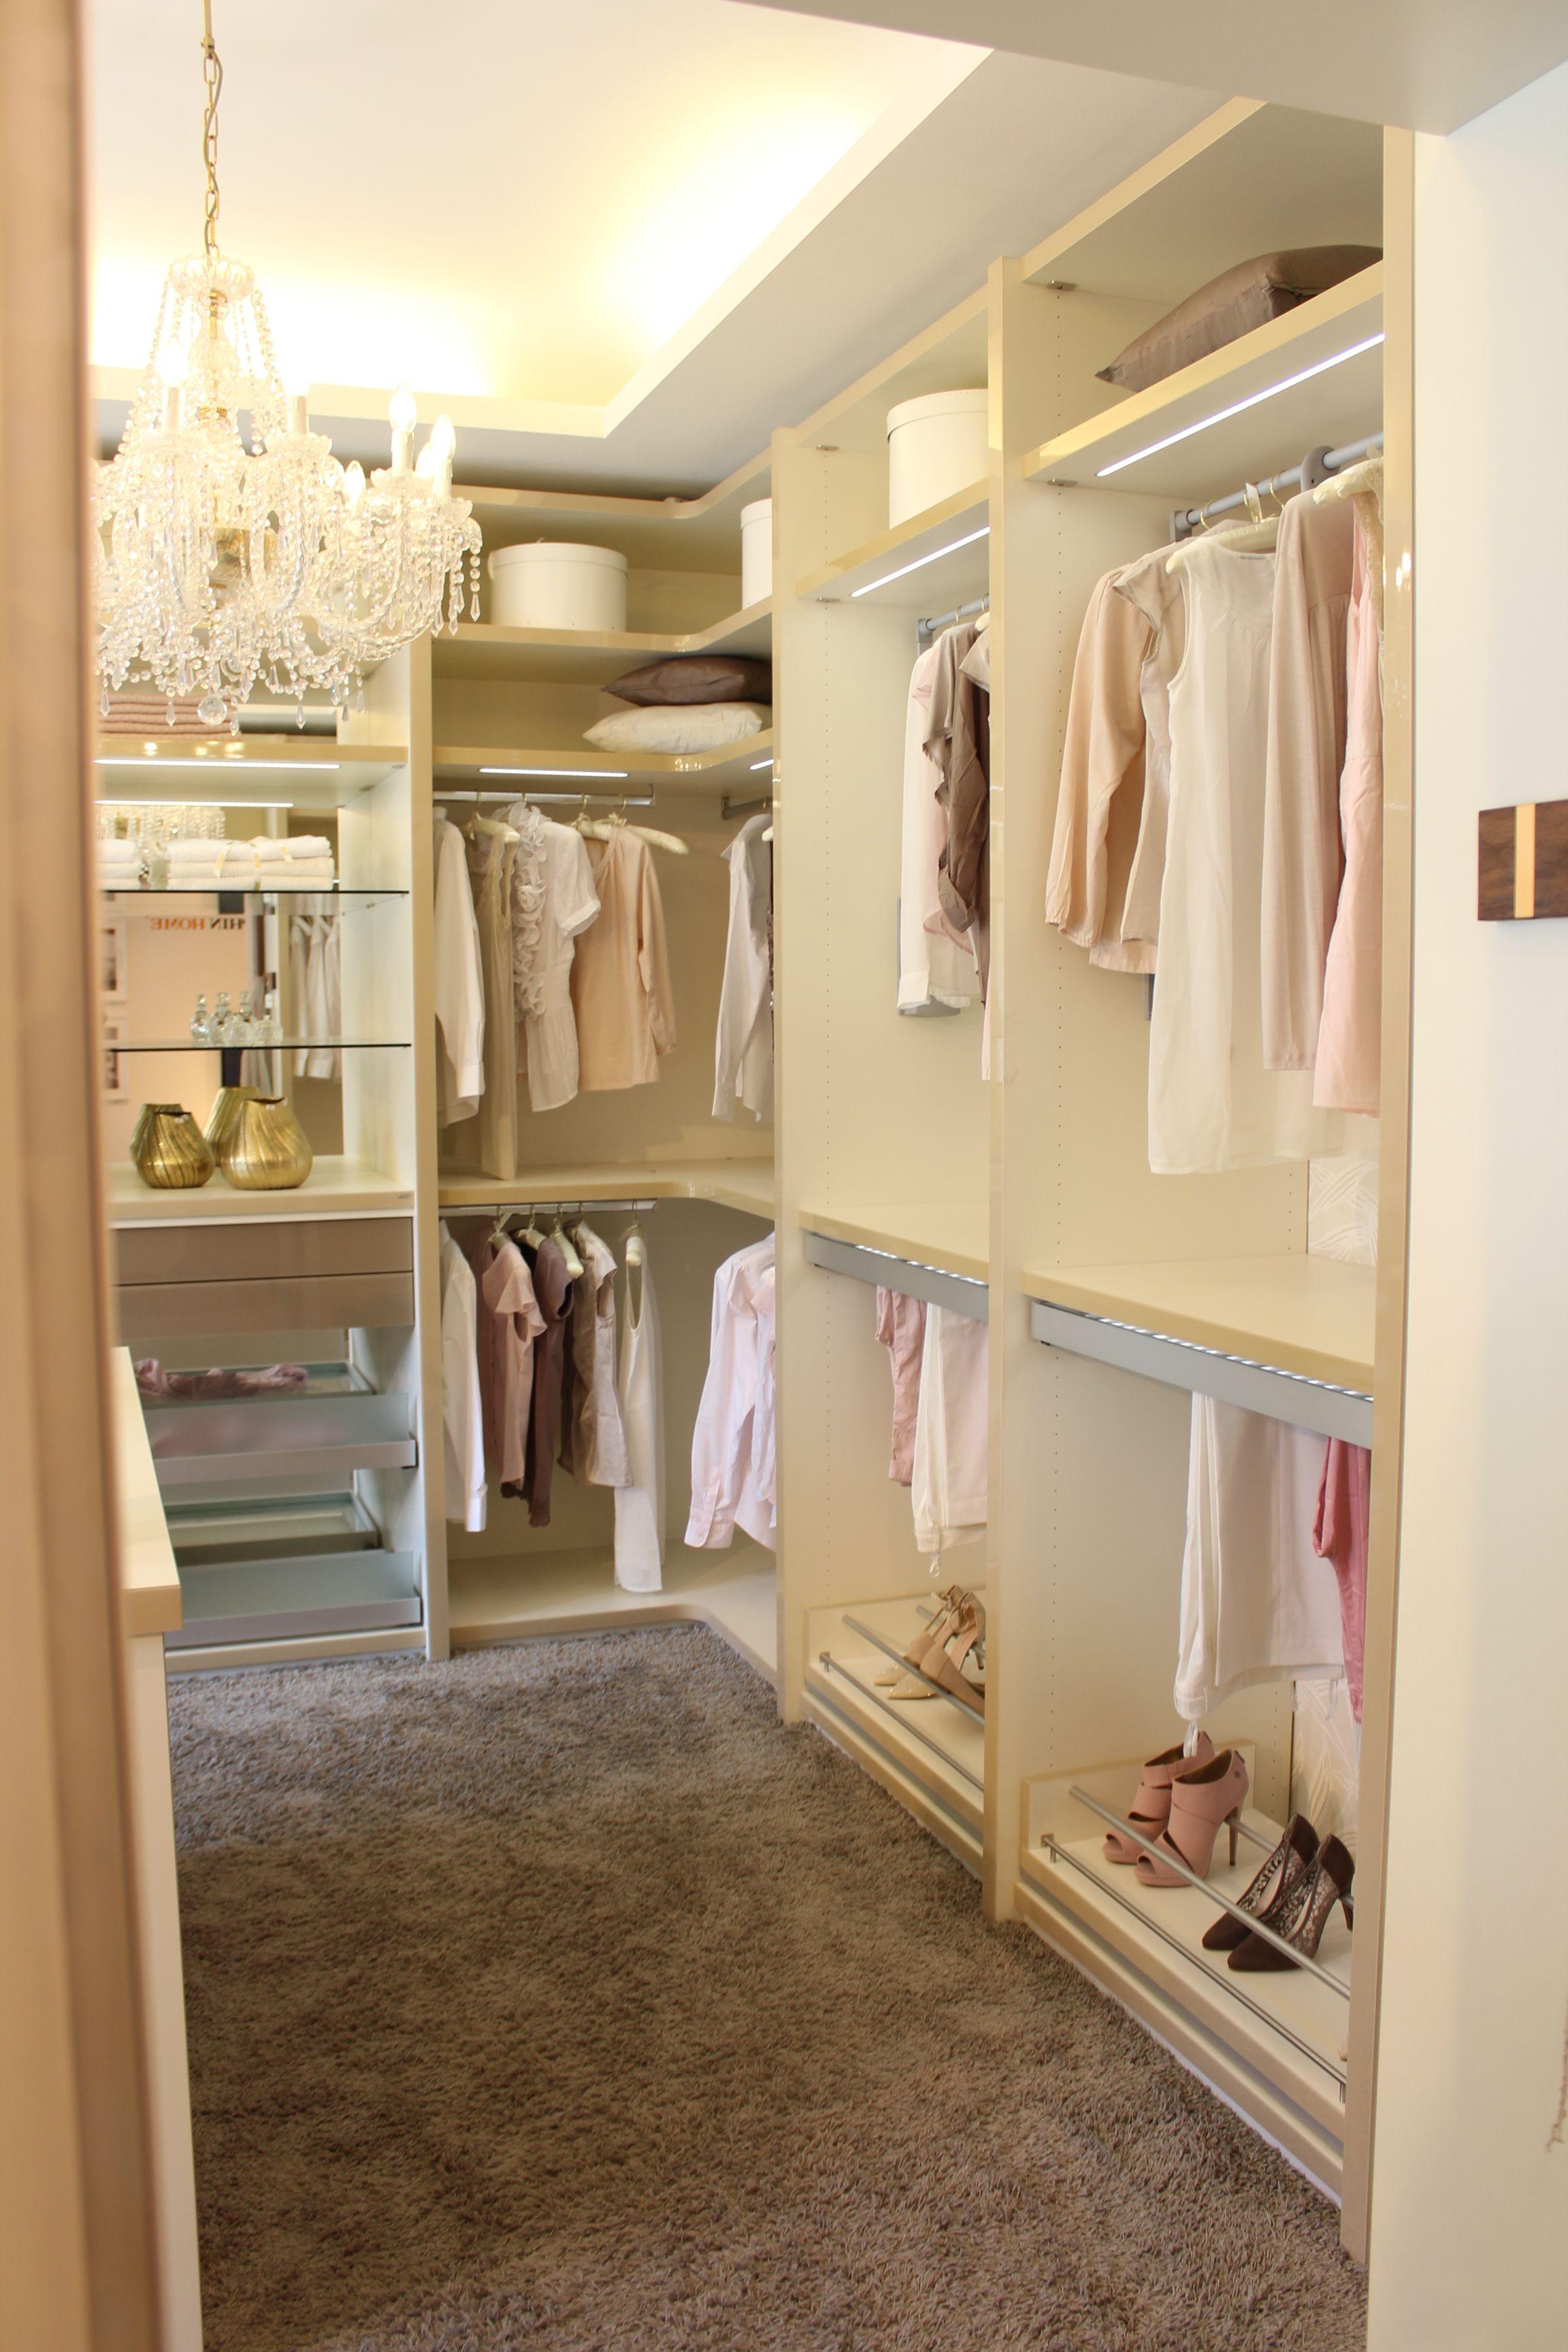 Home design bildergalerie perfekt bis ins letzte detail  ein begehbarer kleiderschrank von